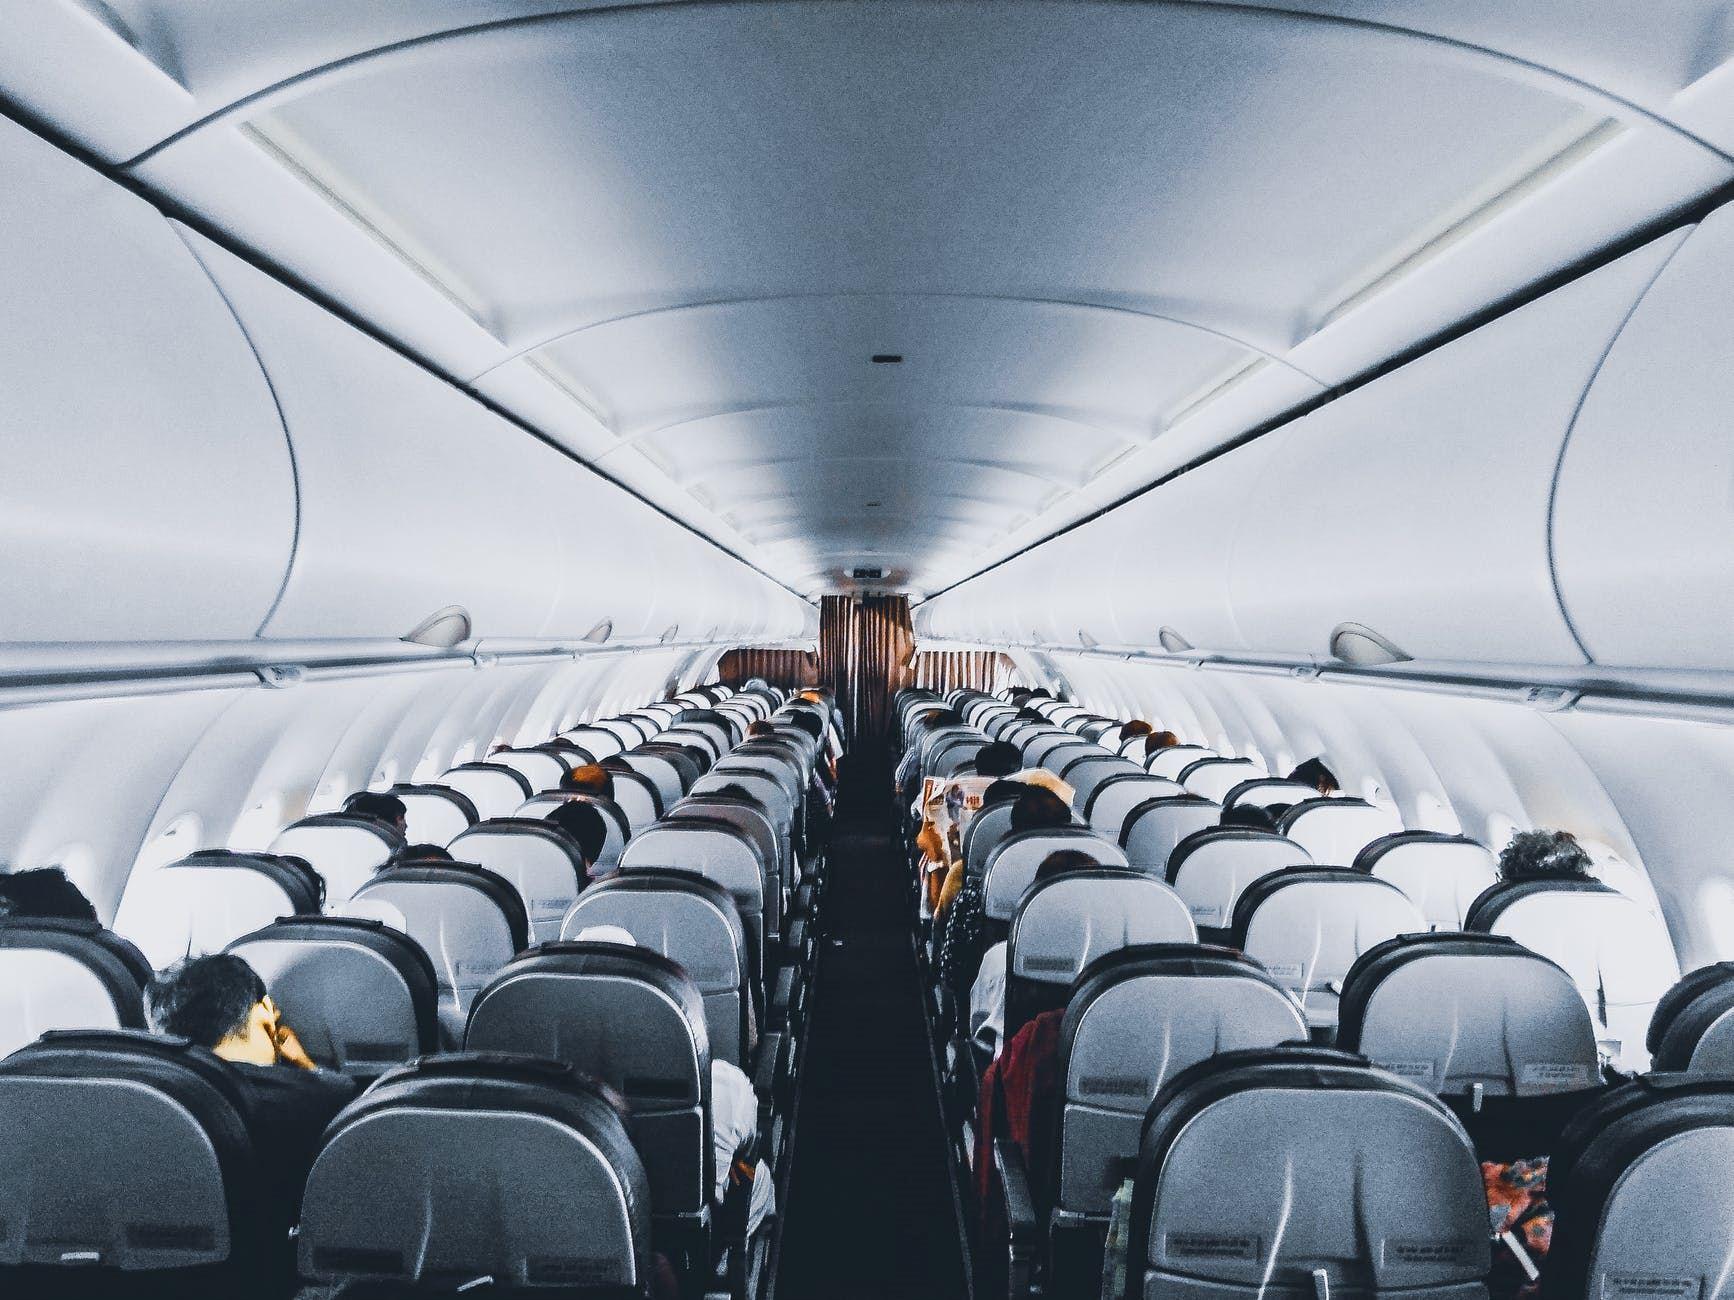 kenapa harga tiket flight kadang mahal kadang murah? harga tetap tak boleh ke?